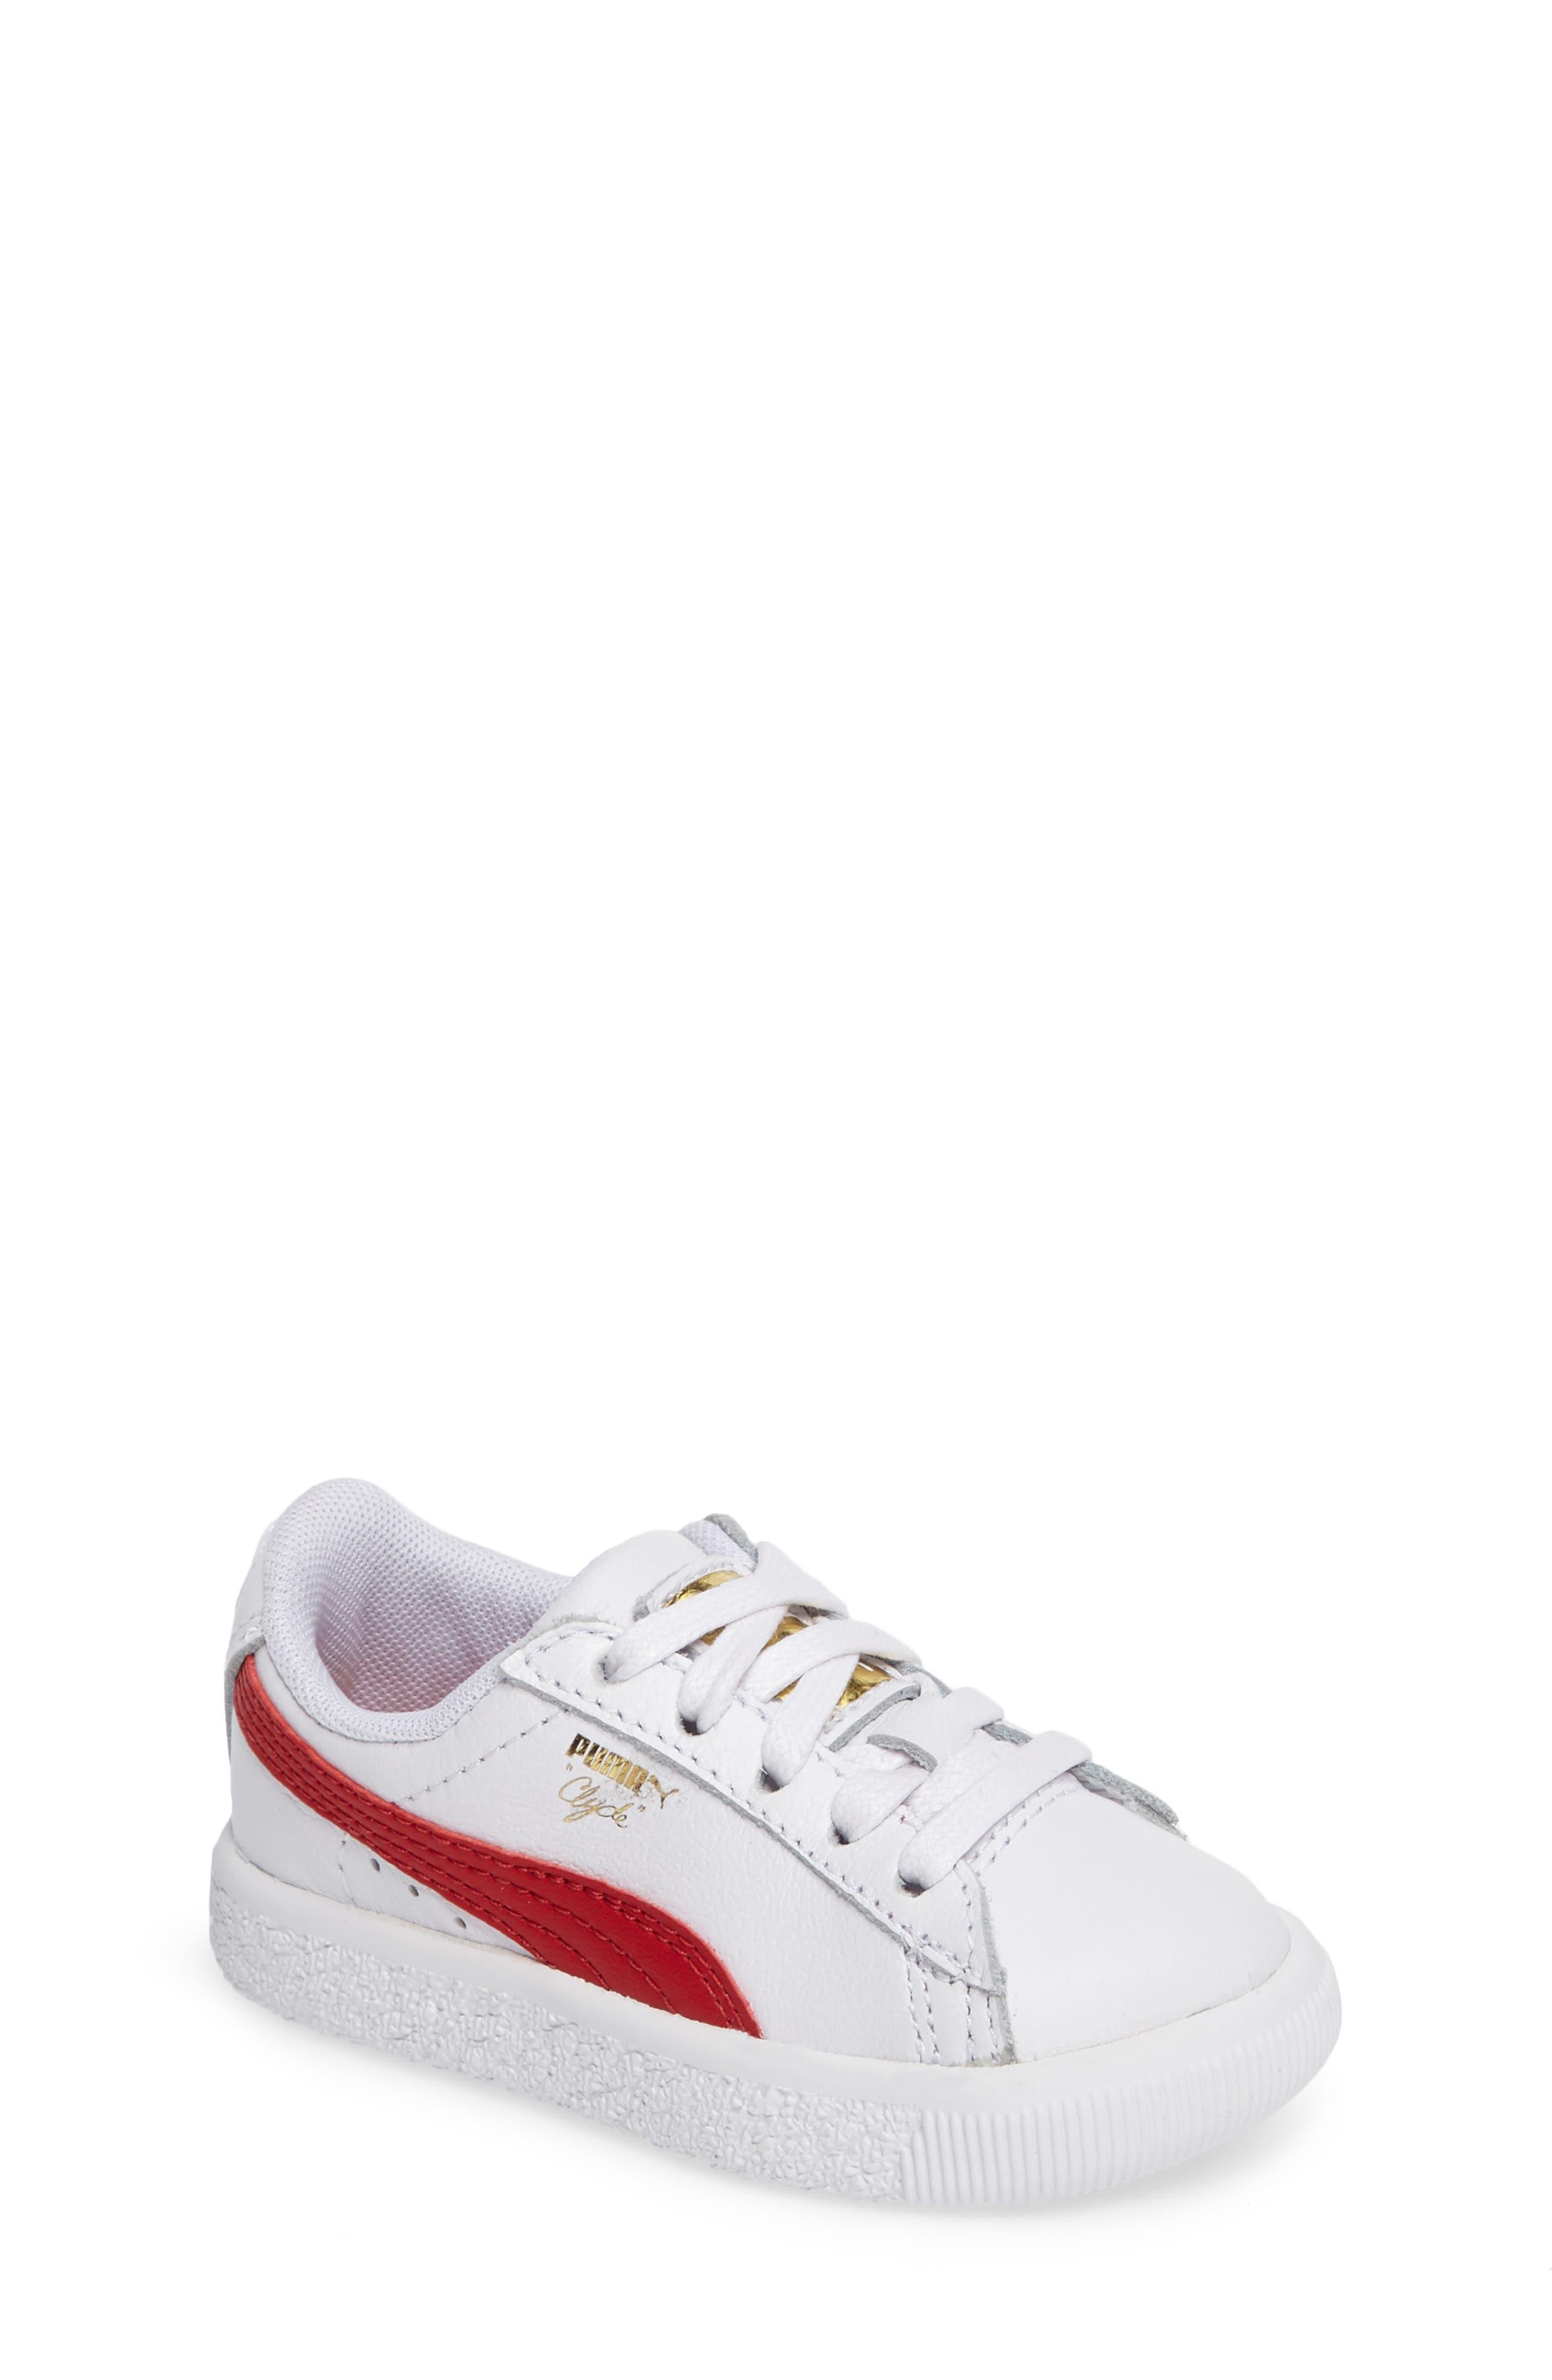 Clyde Core Foil Sneaker,                             Main thumbnail 6, color,